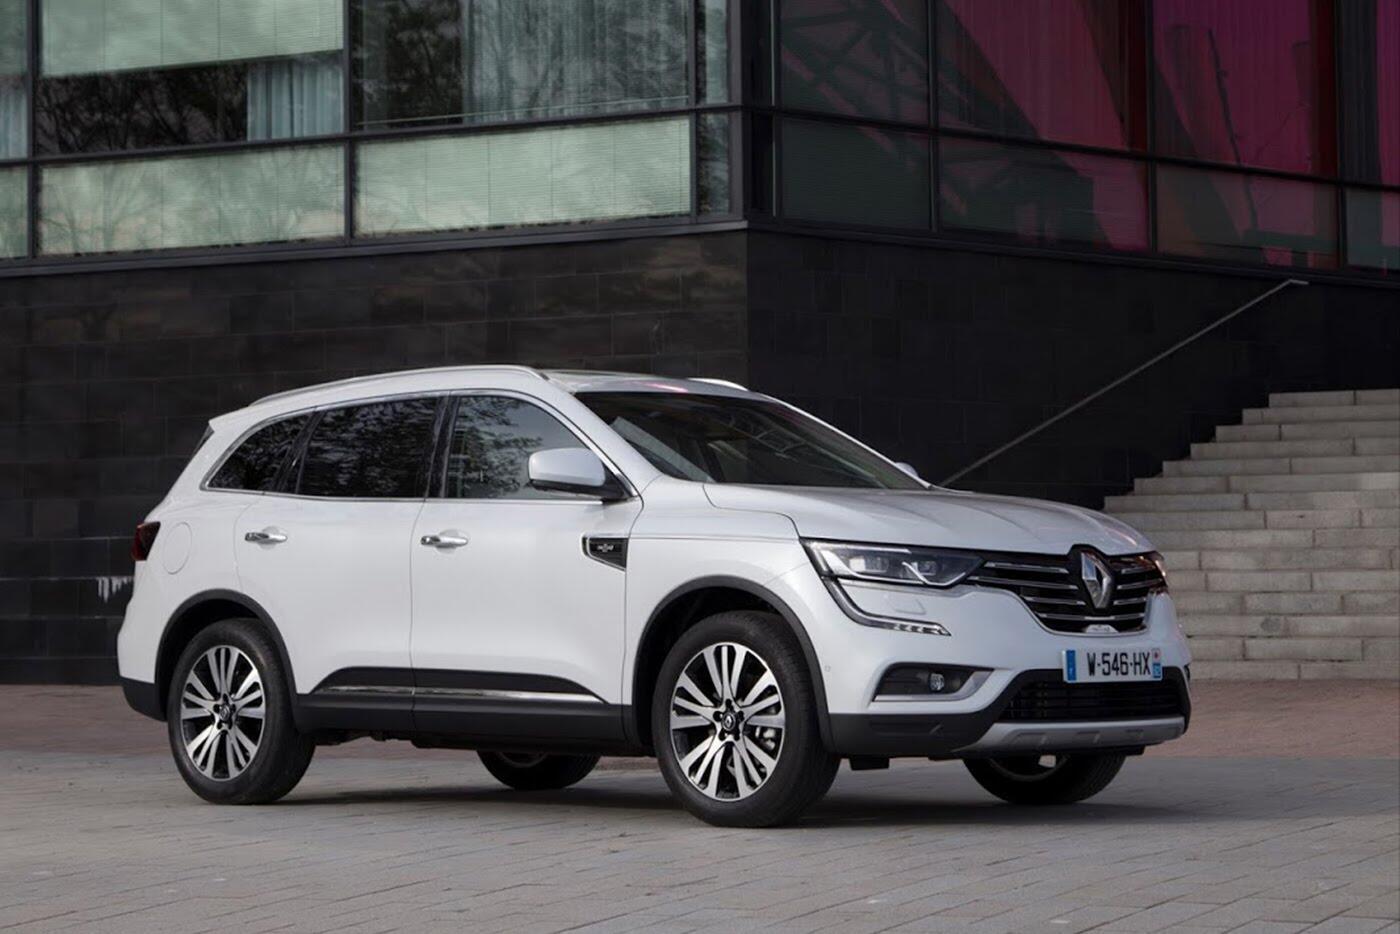 Chiêm ngưỡng vẻ đẹp của Renault Koleos 2017 - Hình 2